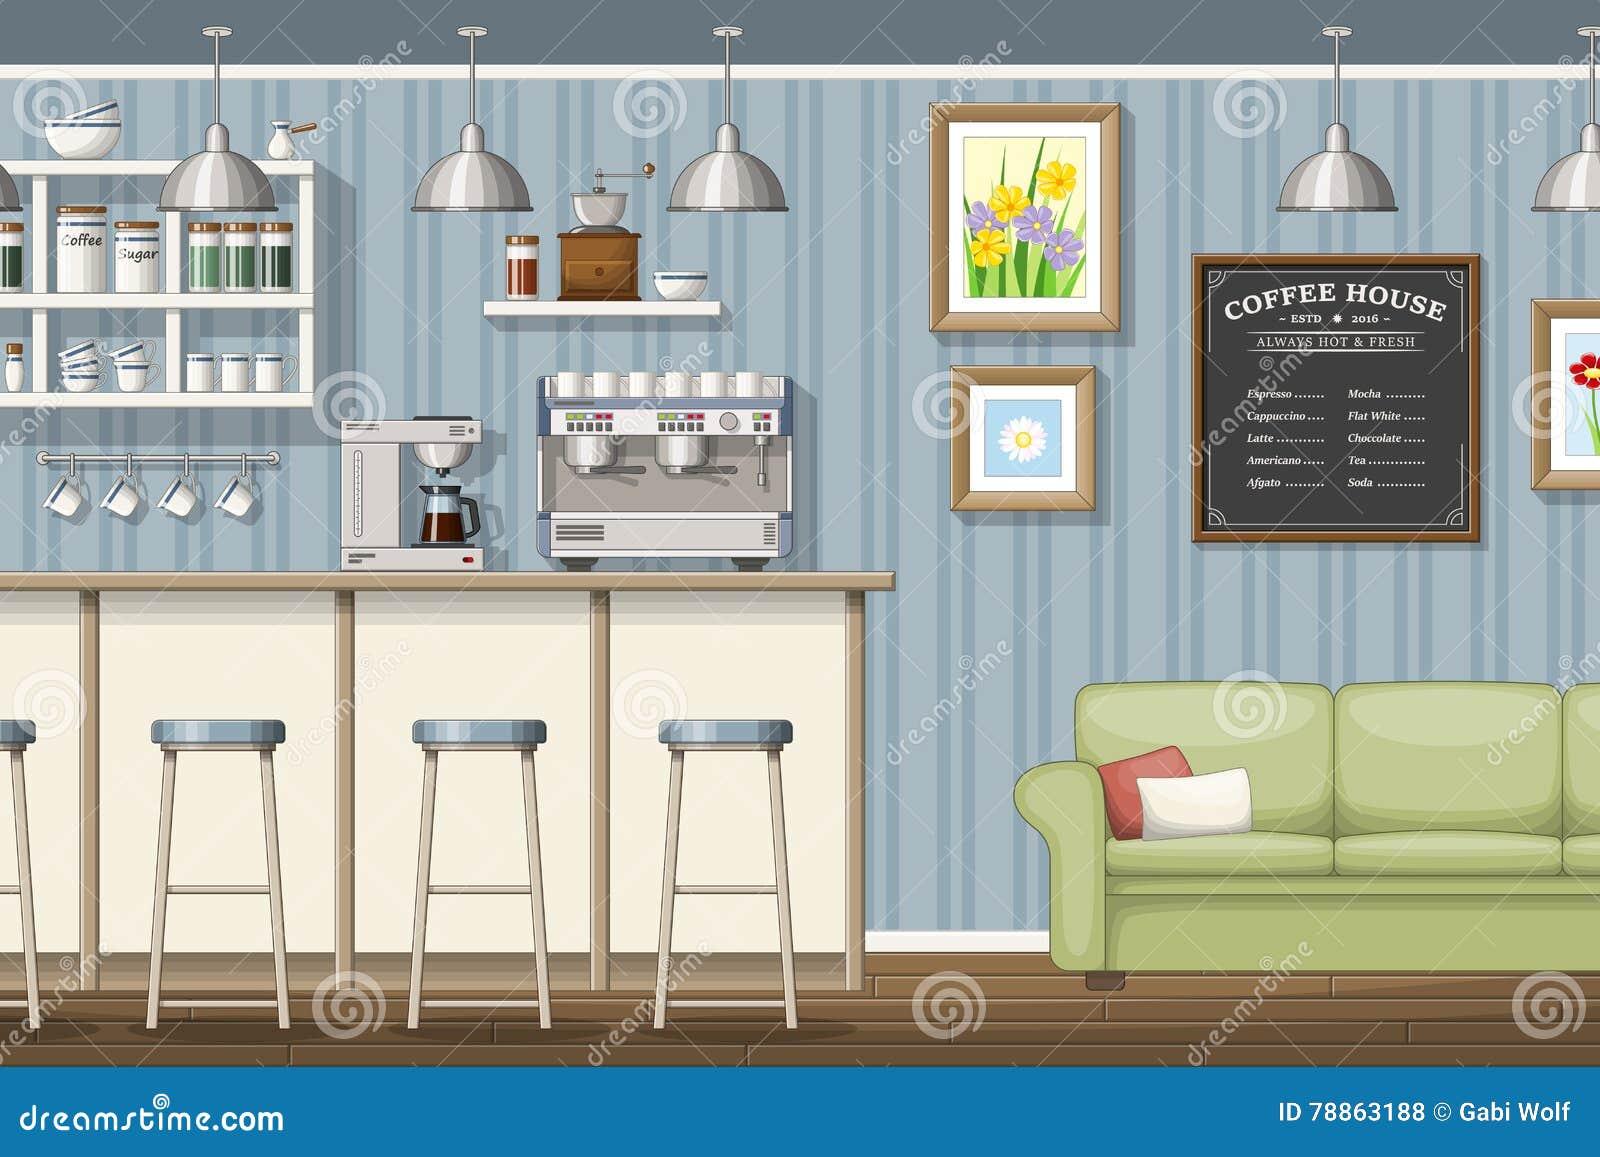 Illustrazione di un coffeeshop classico illustrazione for Mobilia lavagna